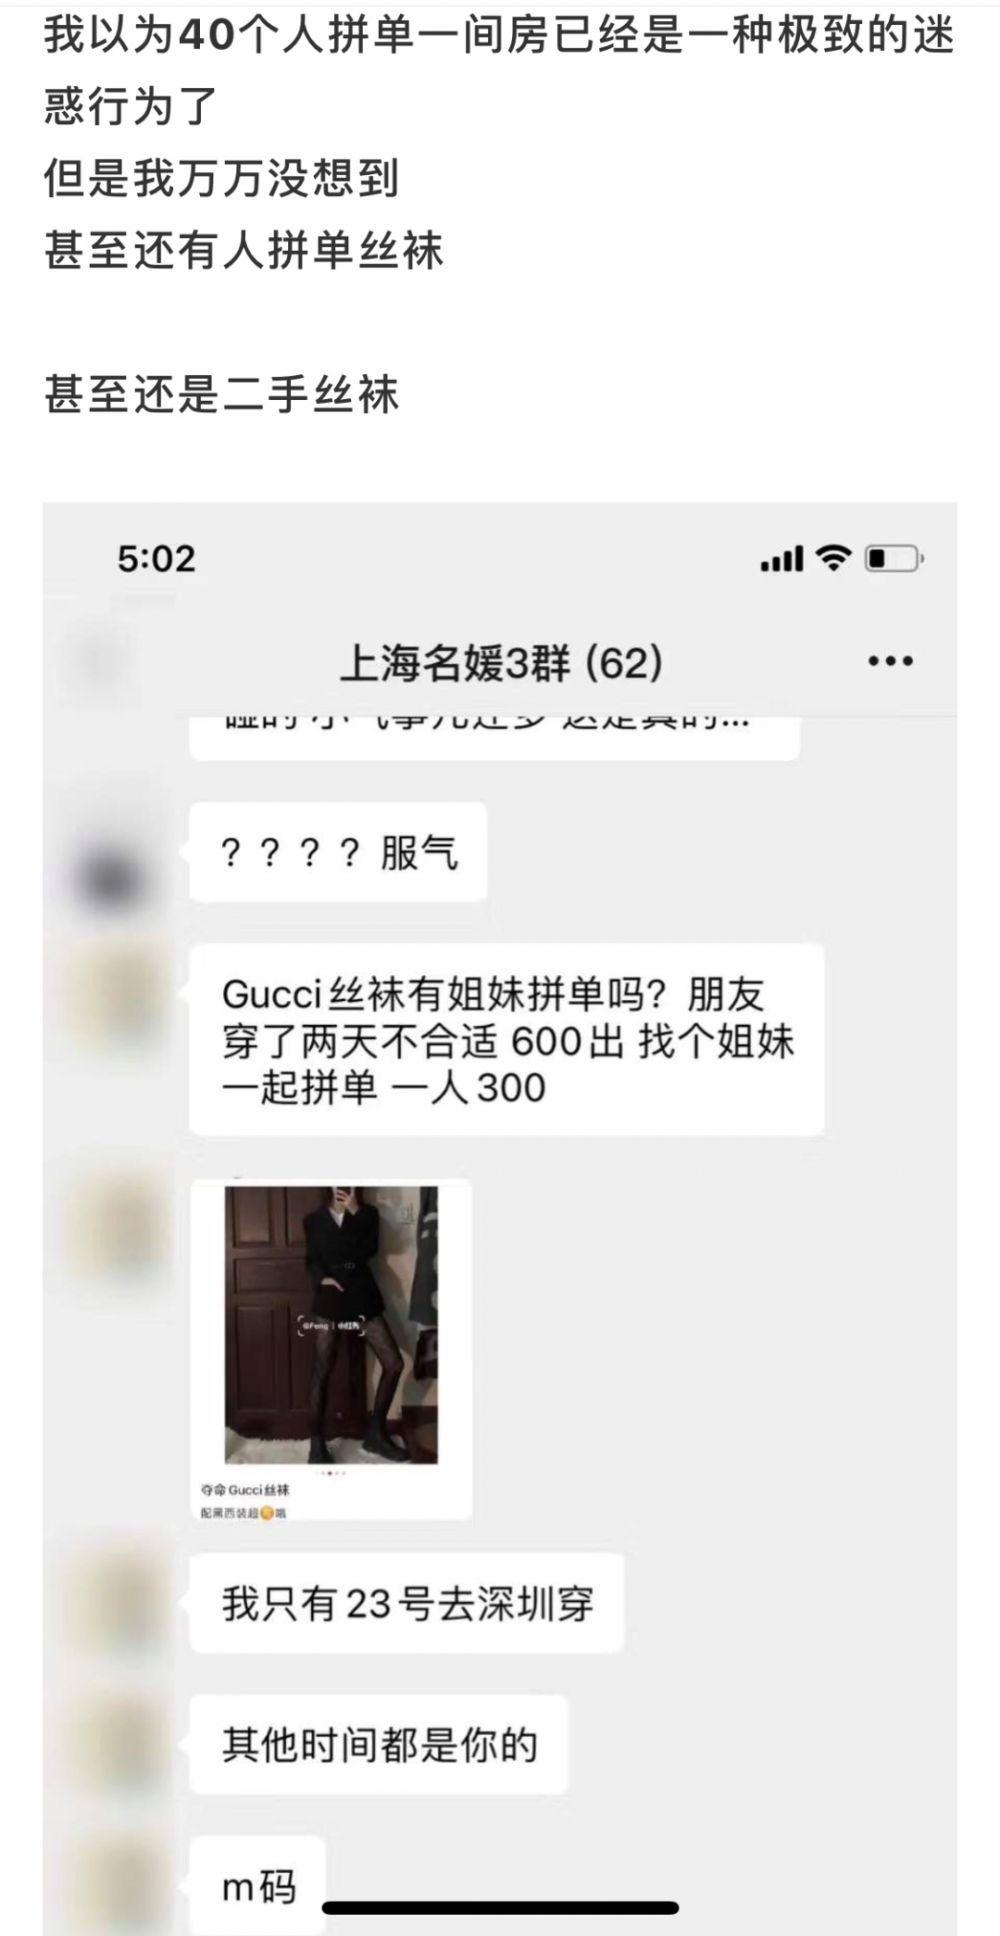 被上海名媛圈笑吐了,Gucci公关哭晕在厕所-第15张图片-周小辉博客